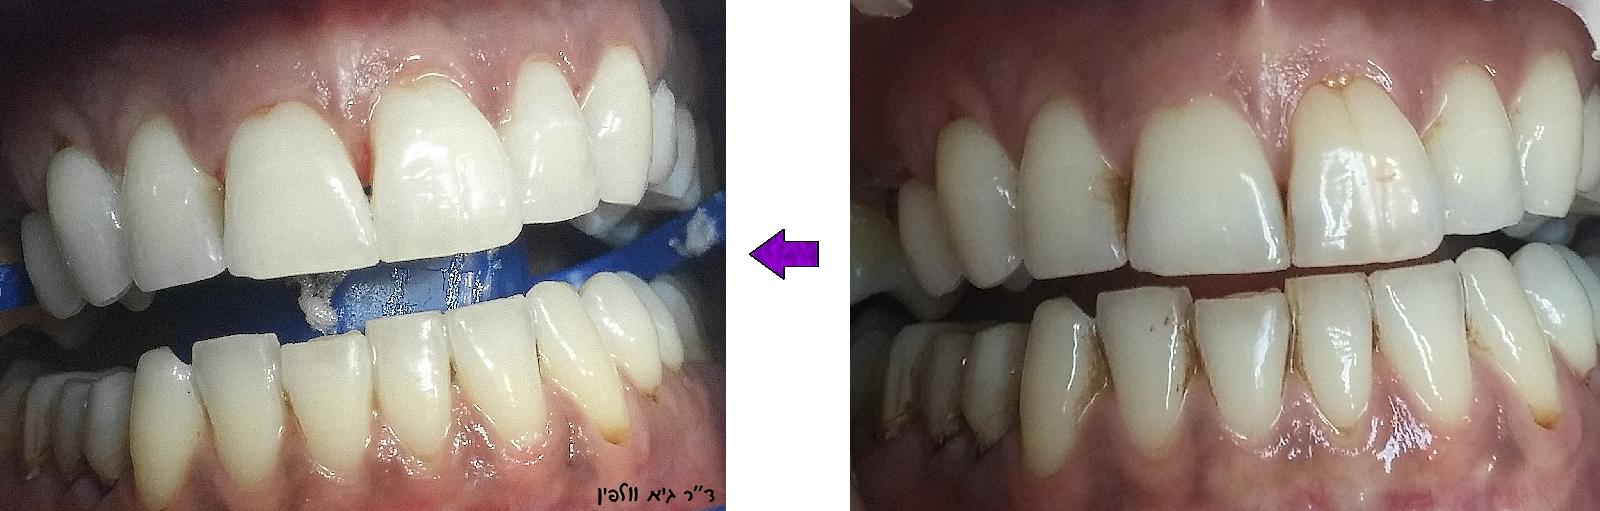 לפני ואחרי הלבנה במרפאה ZOOM וולפין